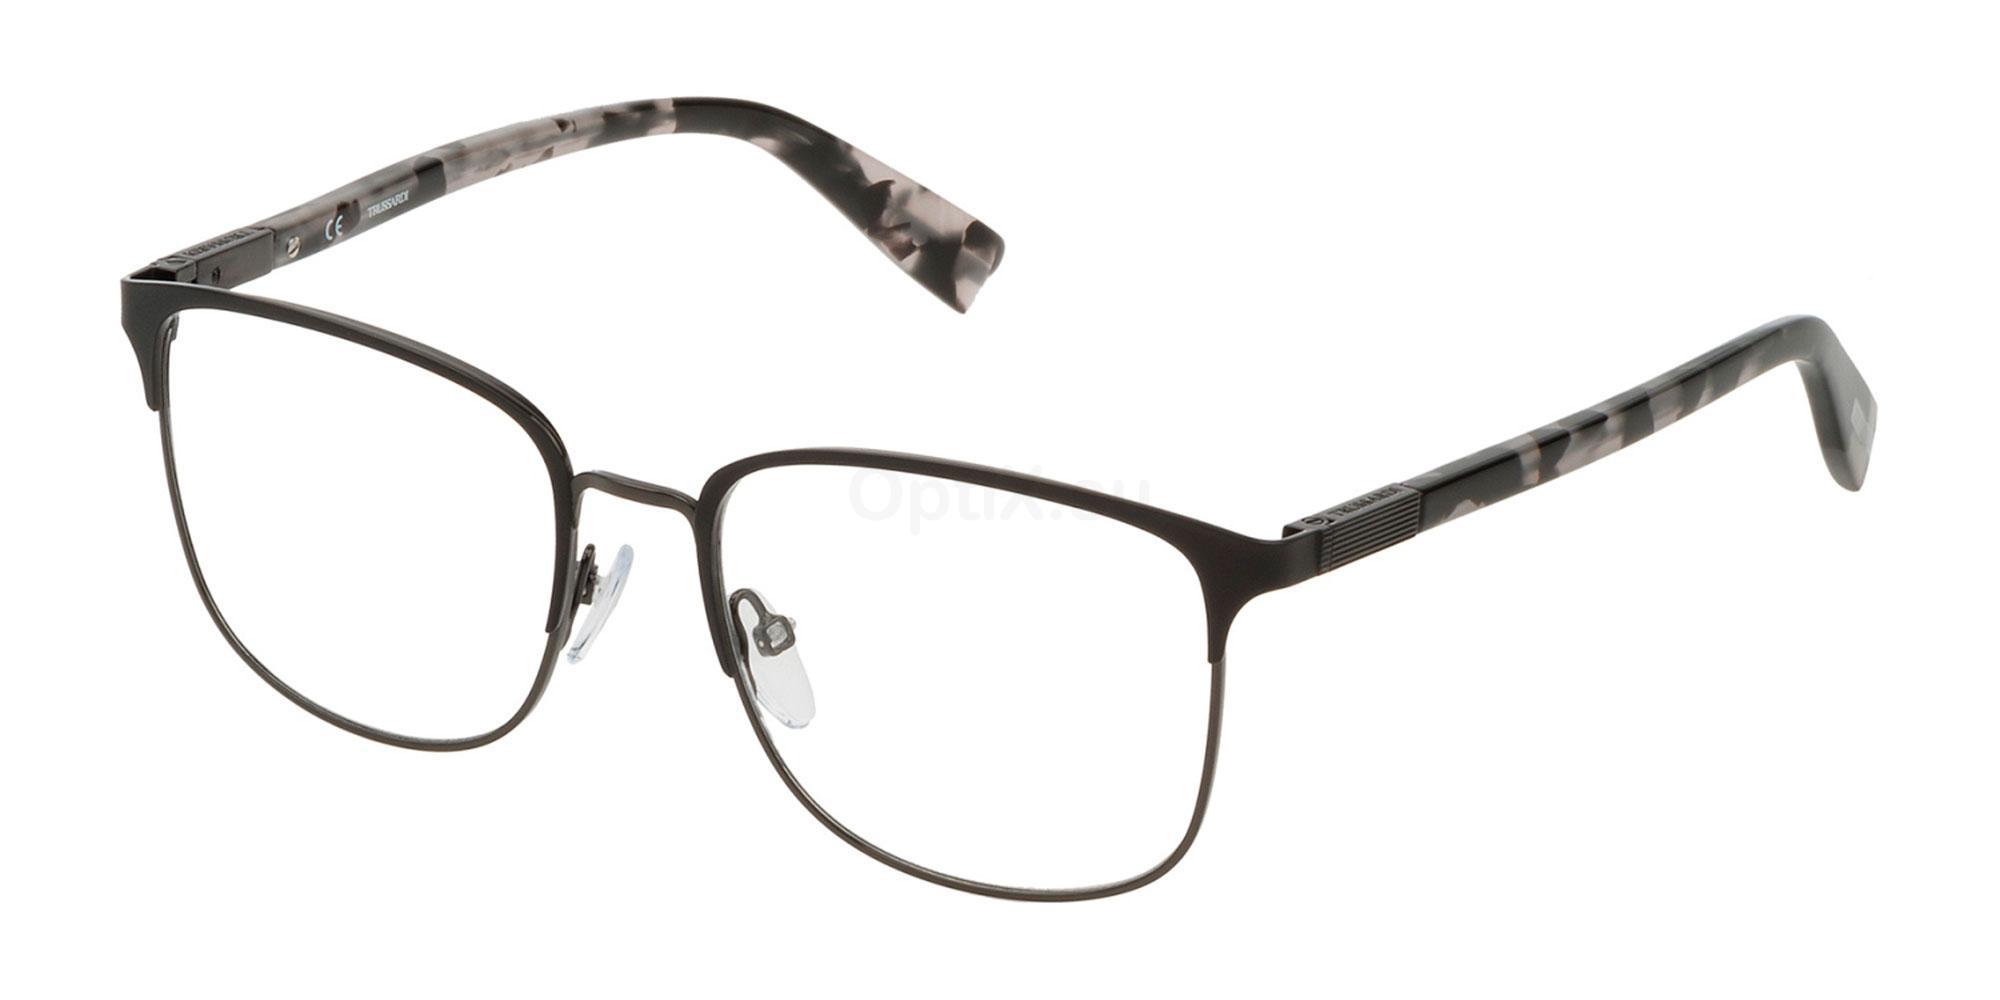 0K56 VTR311 Glasses, Trussardi